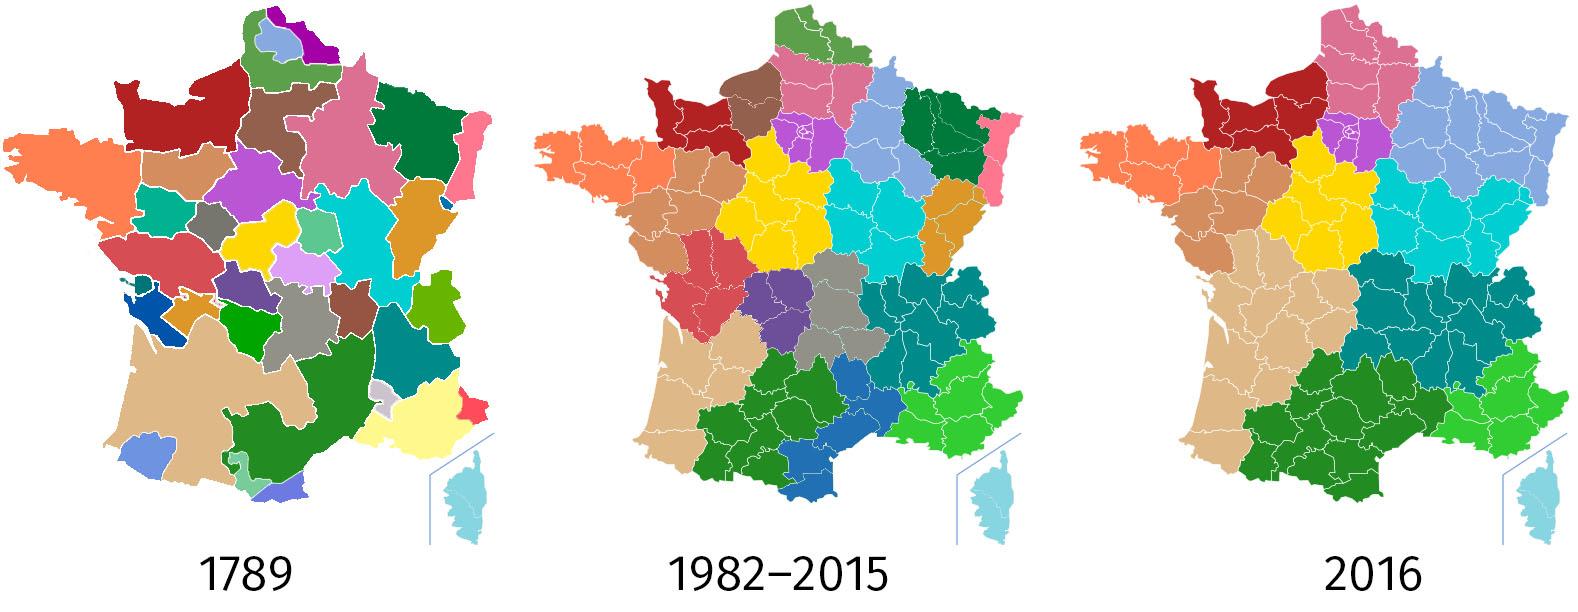 en51-flags-of-france_03